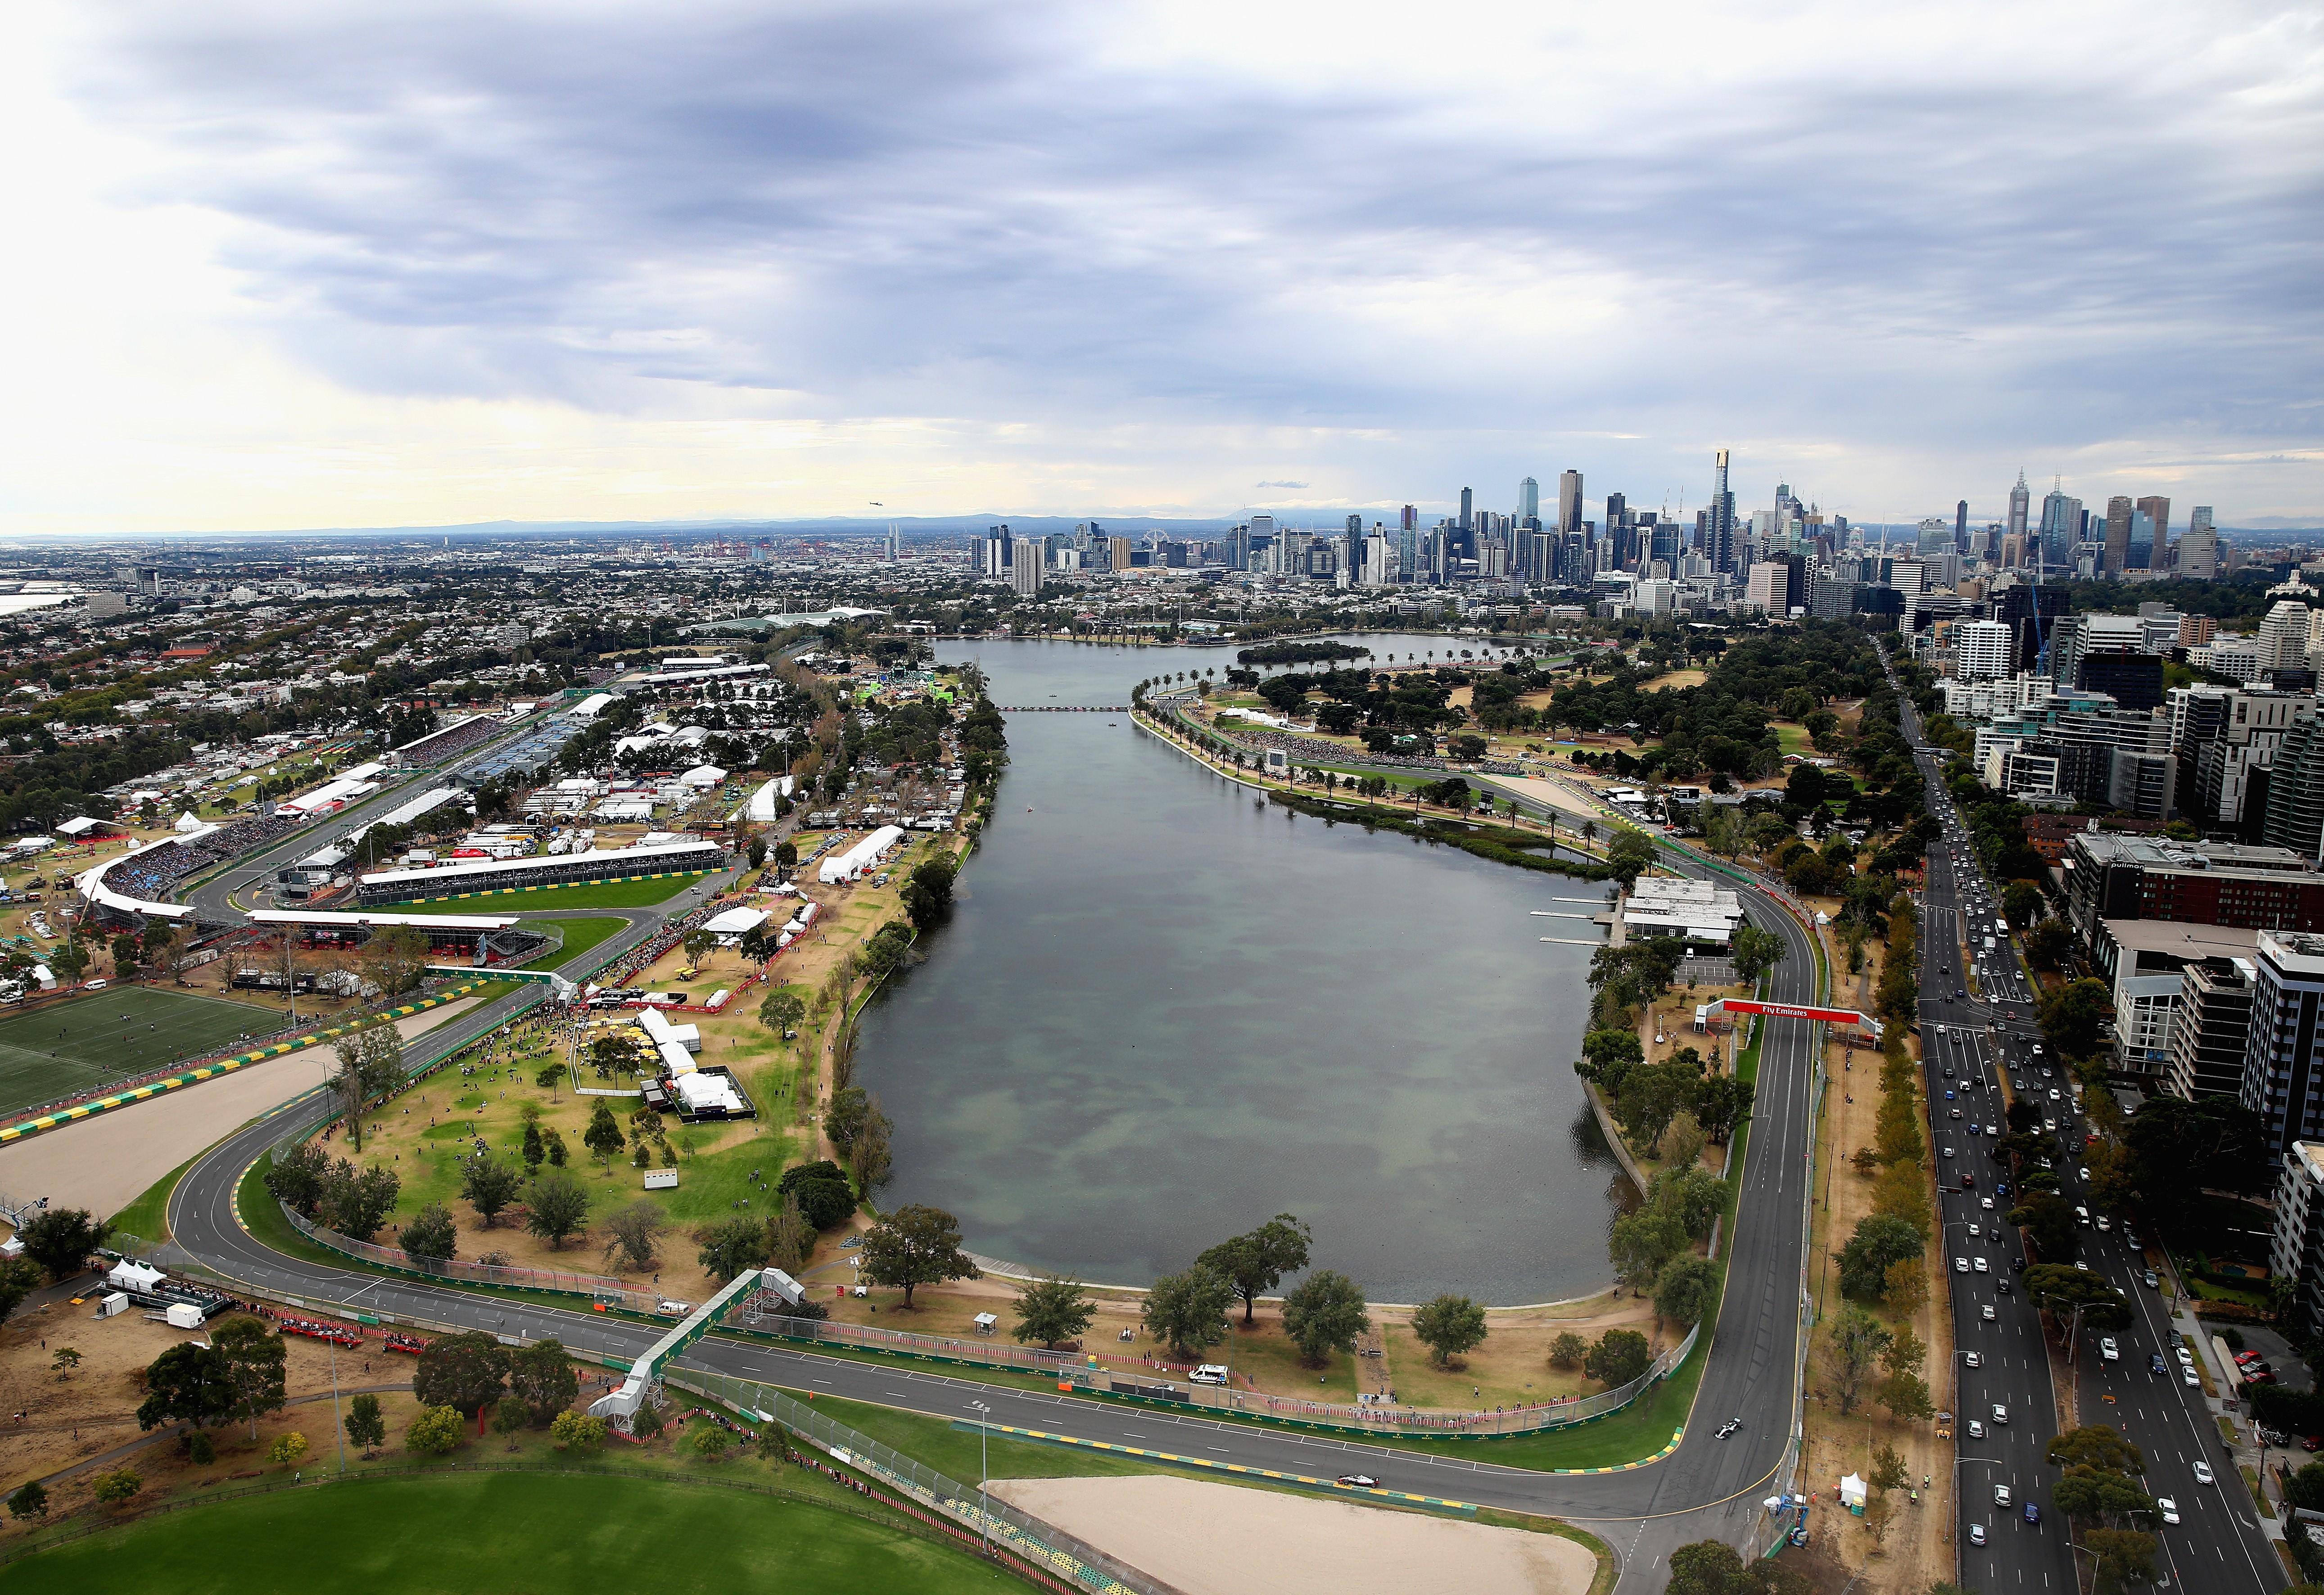 Le circuit de l'Albert Park à Melbourne - Grand Prix d'Australie 2018